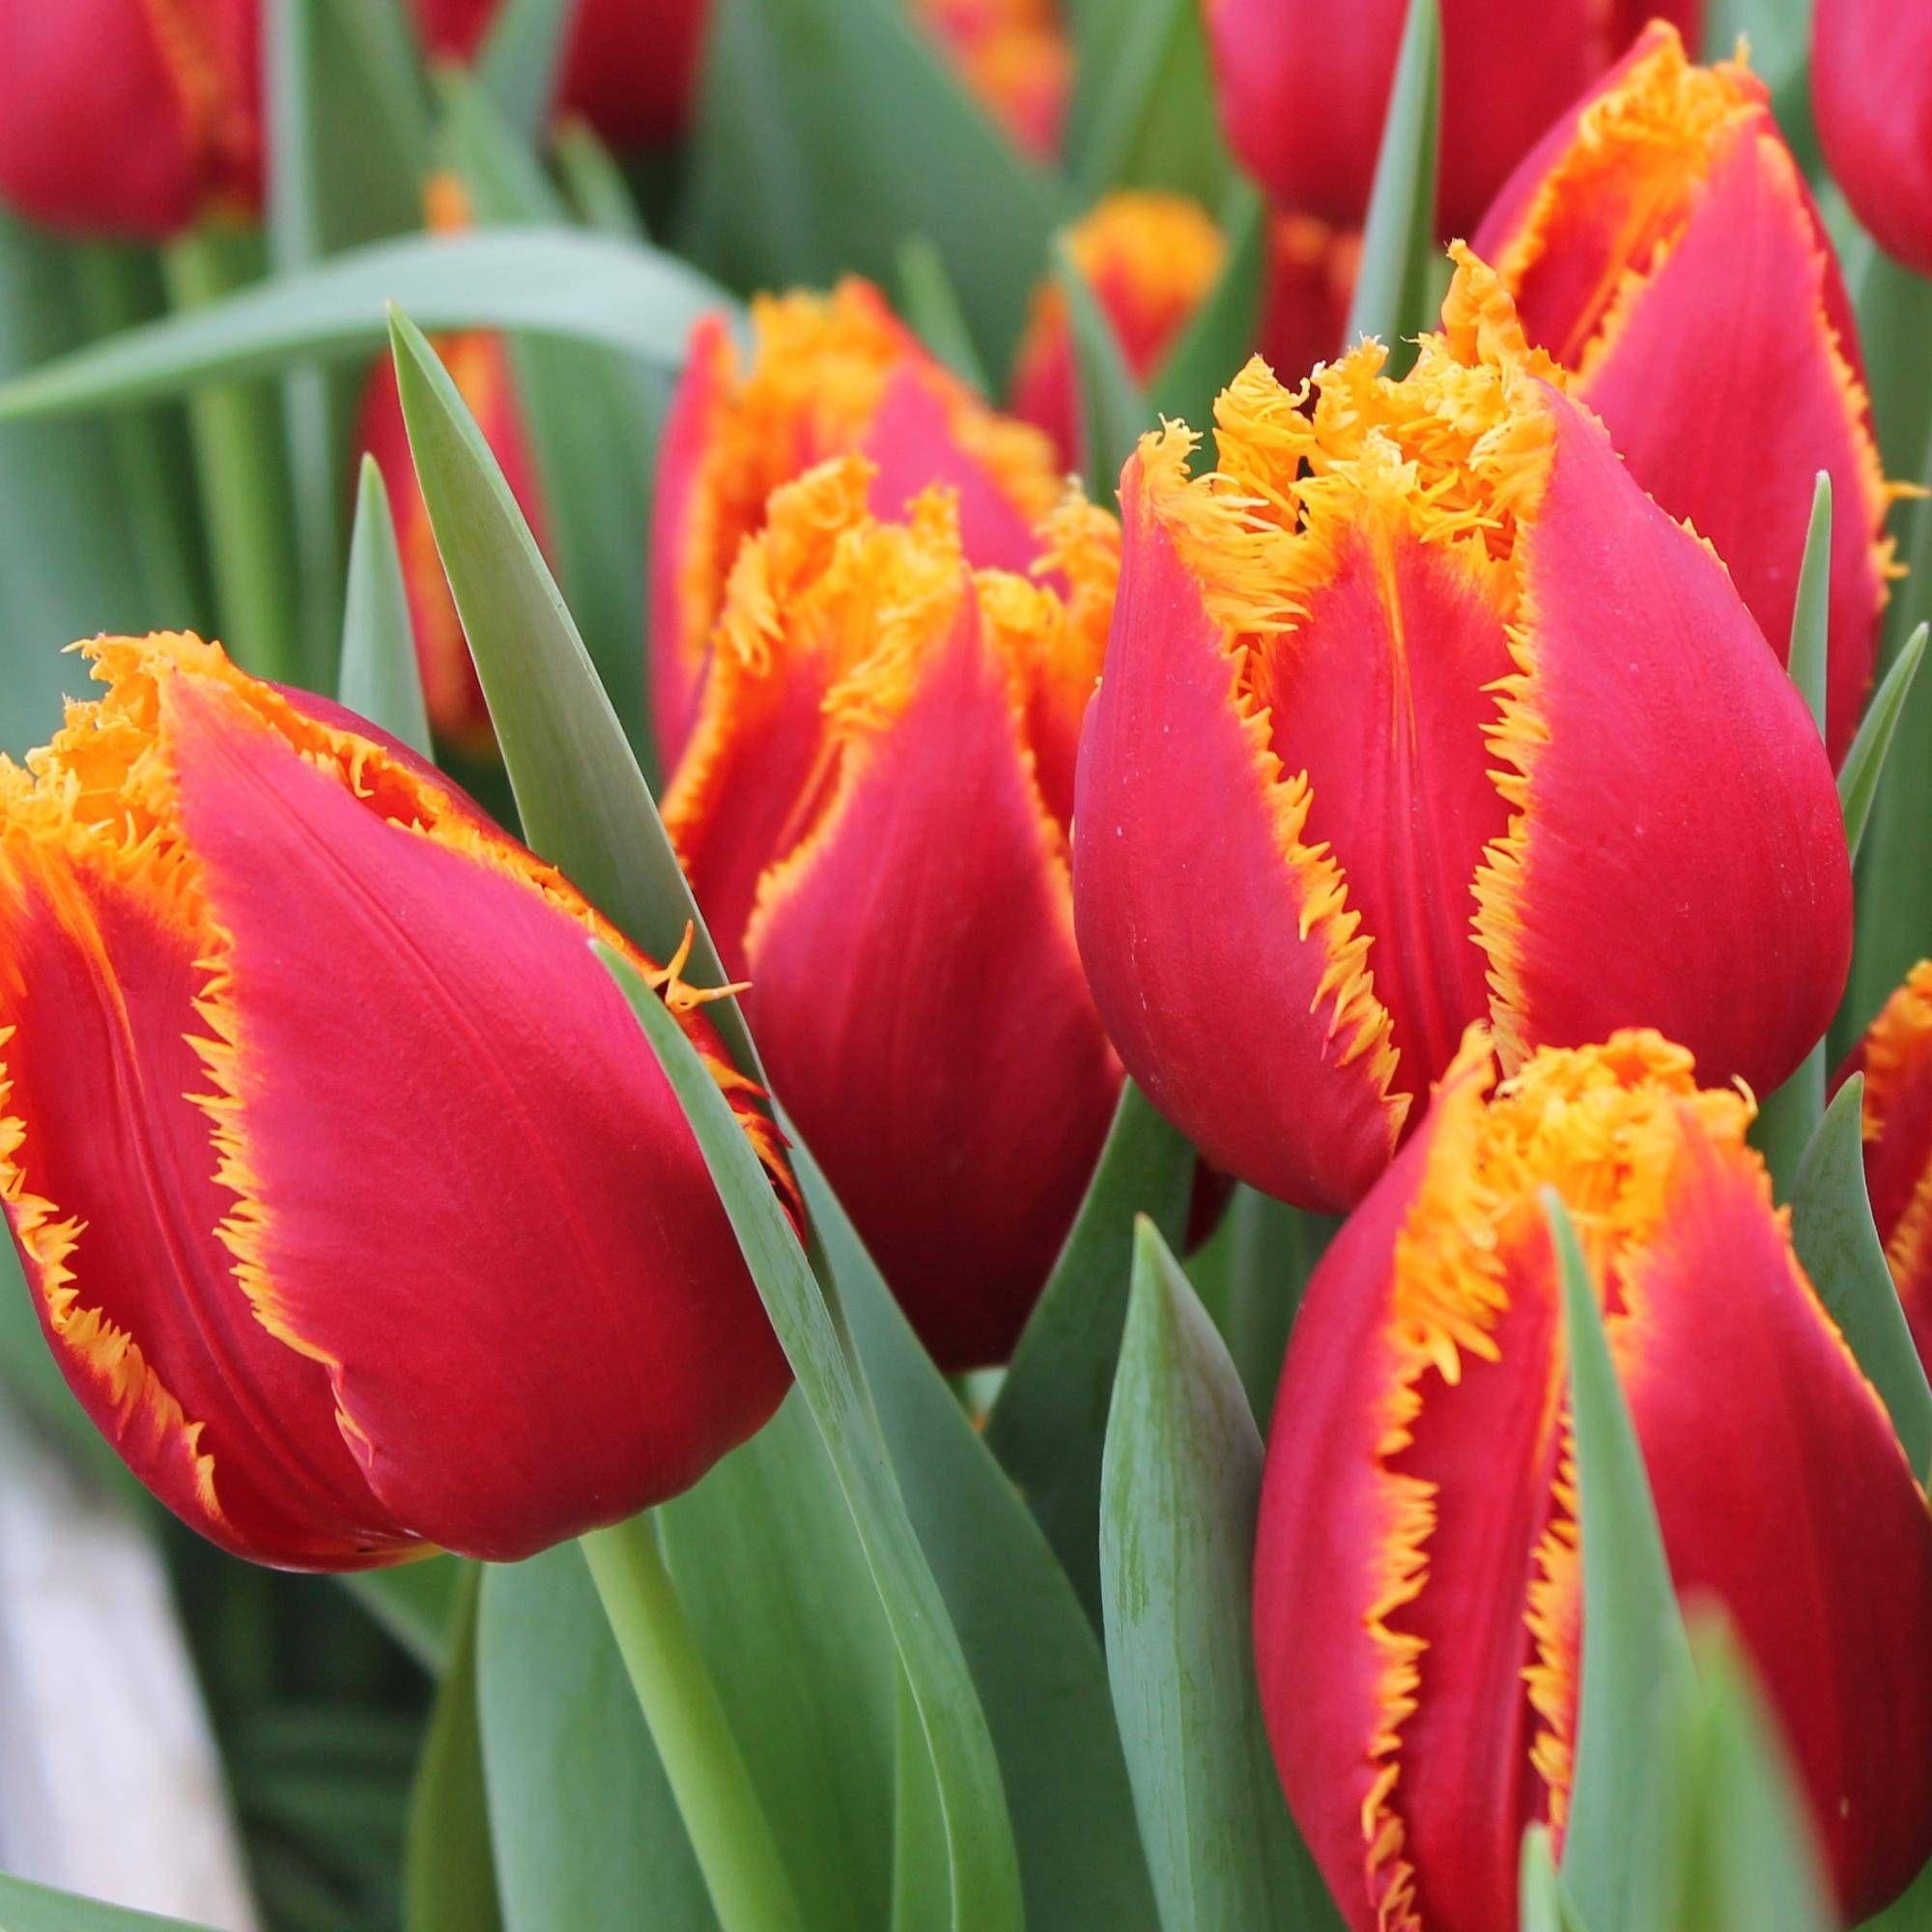 тюльпаны бахромчатые сорта и фото увернулся встречной